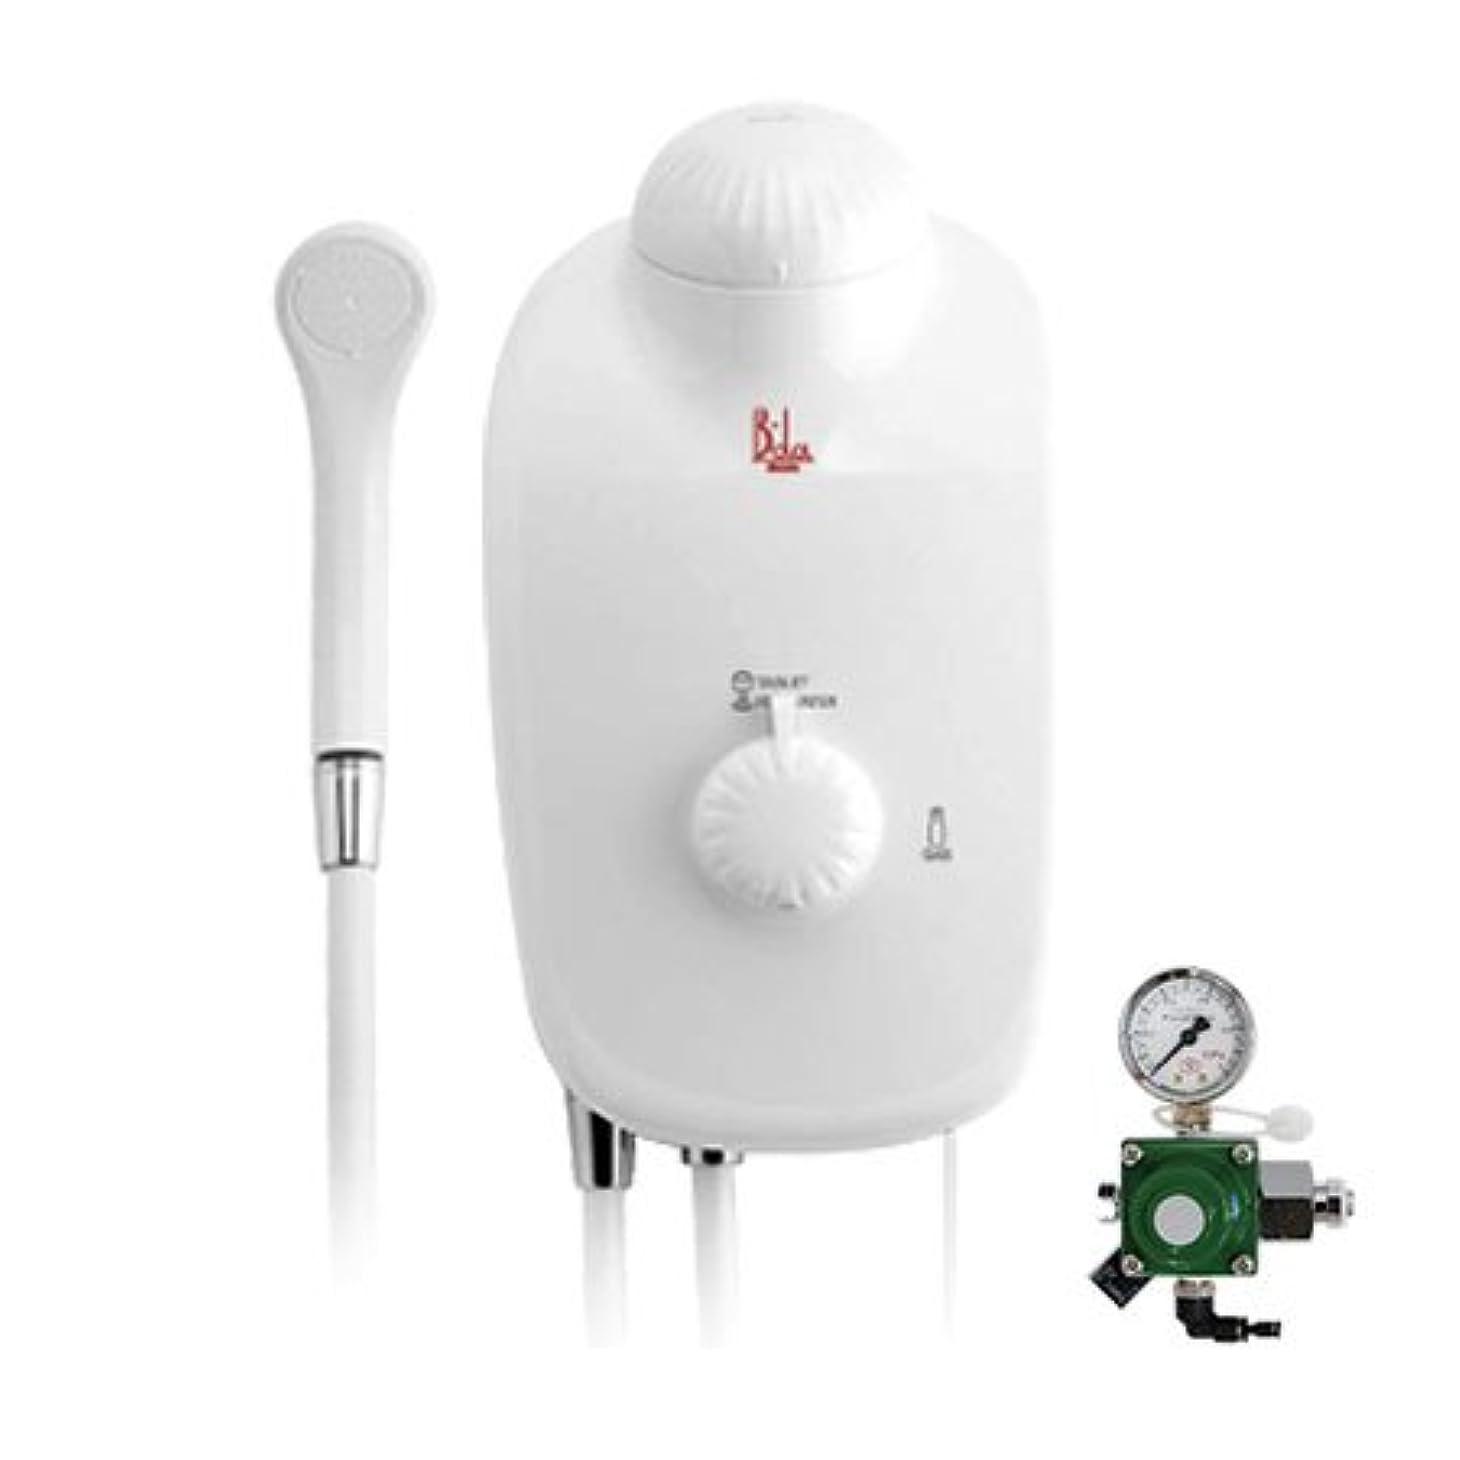 究極のる乱す高濃度炭酸泉装置 B-da(ビーダ)本体セット?ガス圧調節器付き